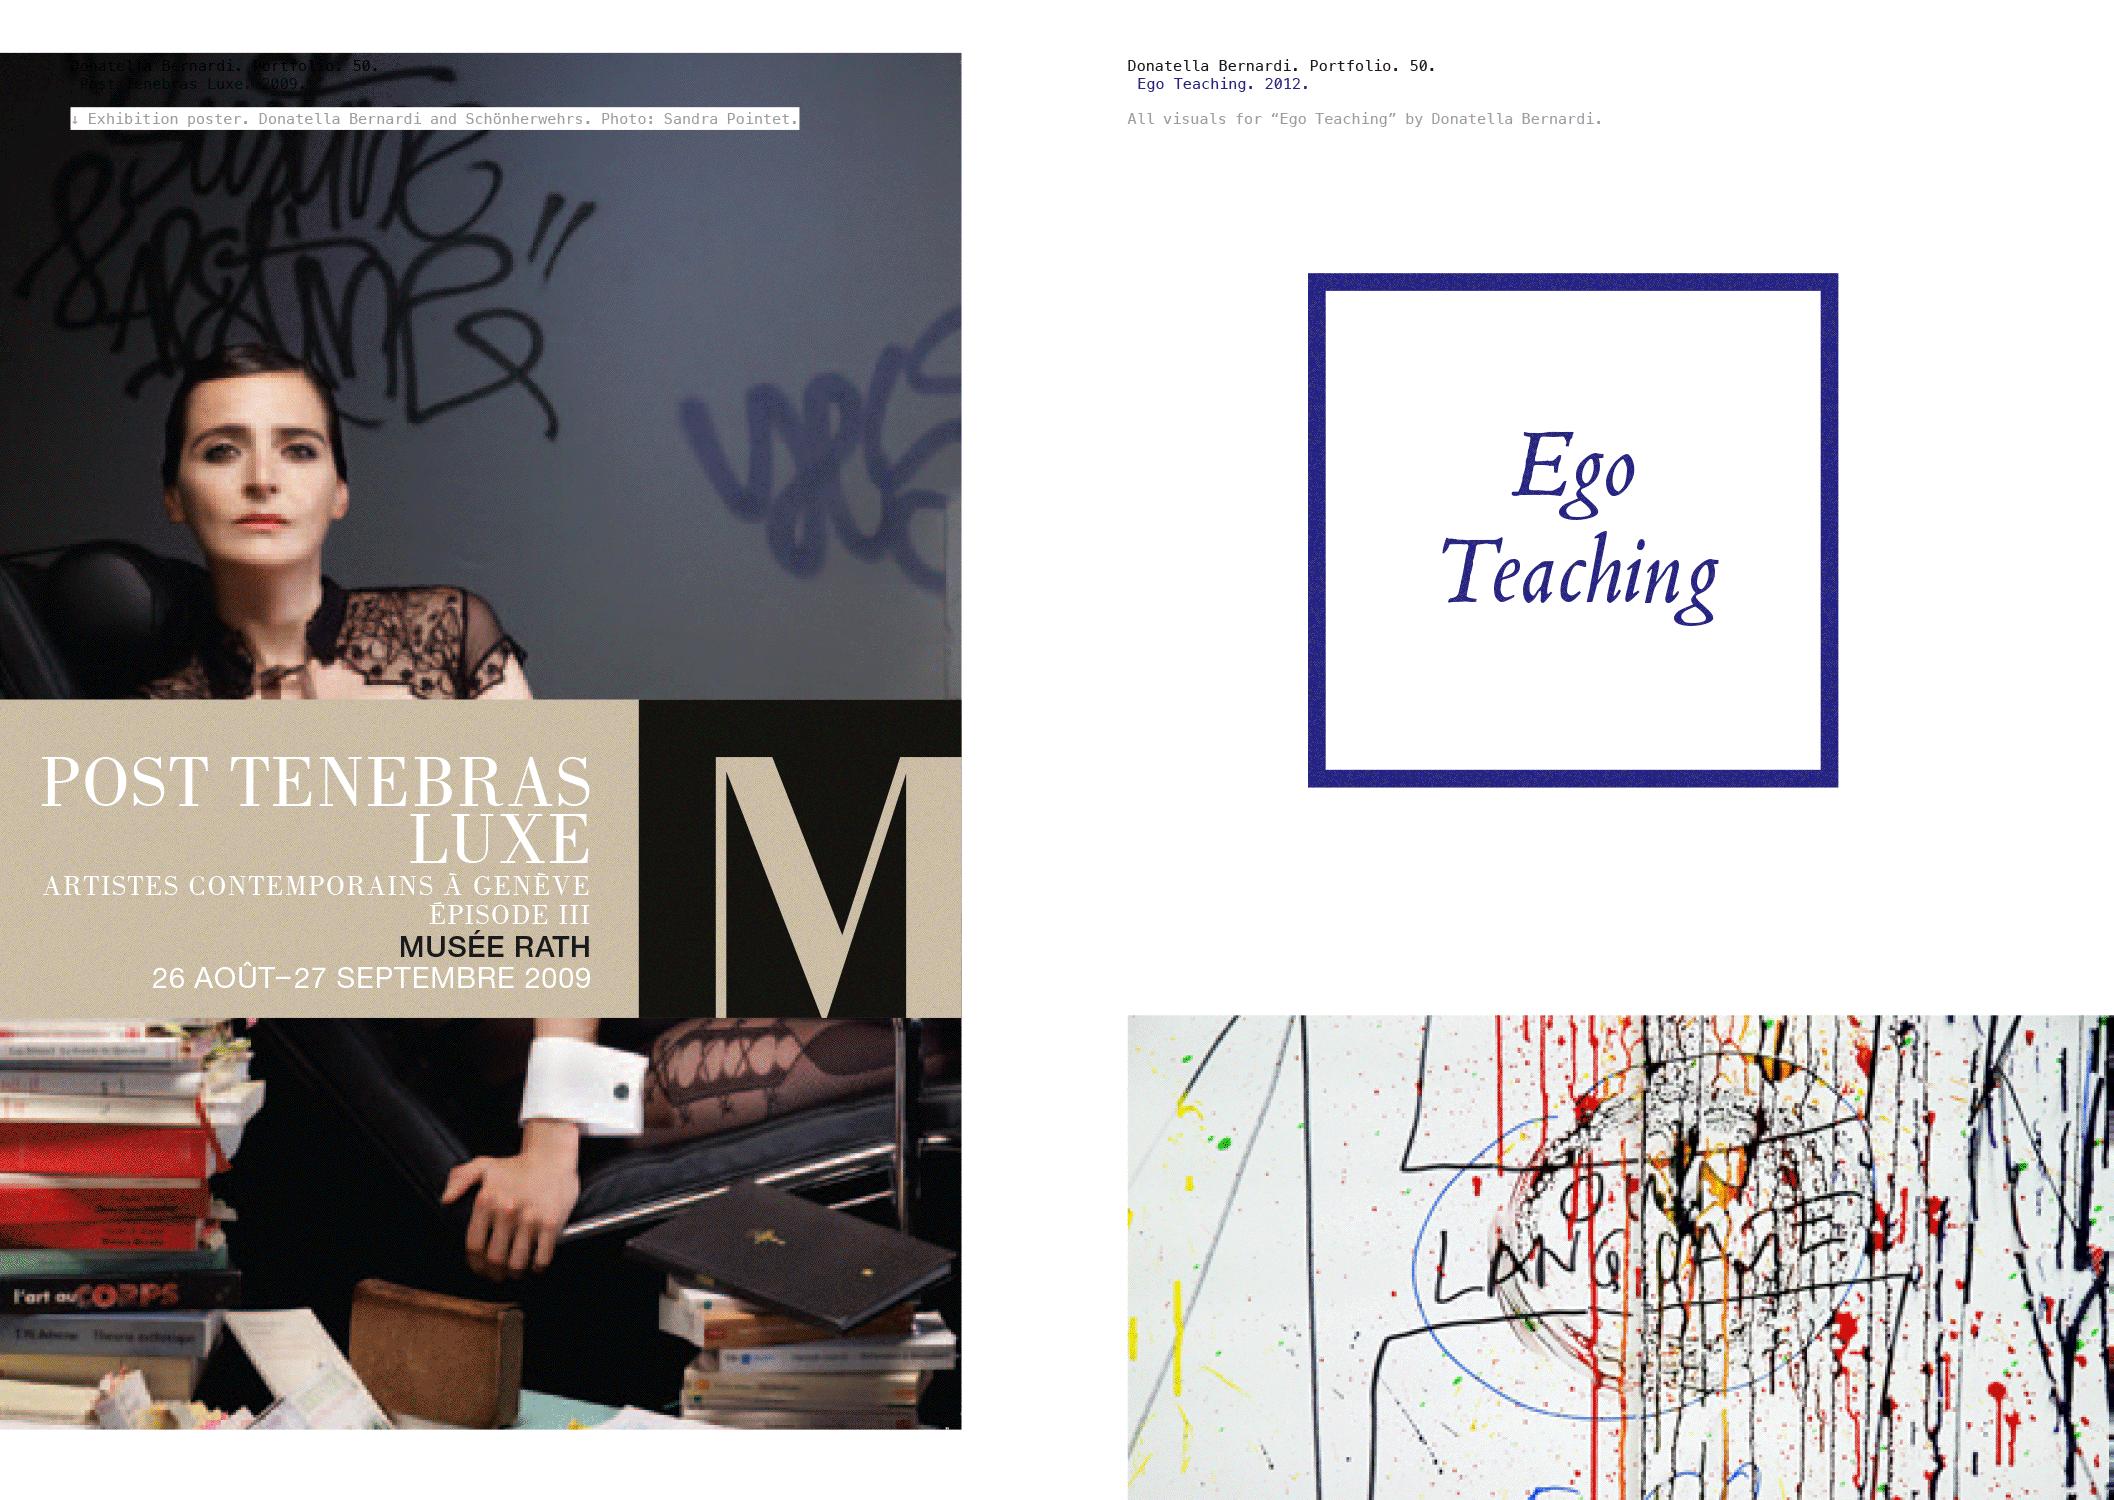 Portfolio de l'artiste/curatrice Donatella Bernardi. Sur la gauche, l'affiche de nous avions réalisé pour l'exposition «Post Tenebras Luxe»